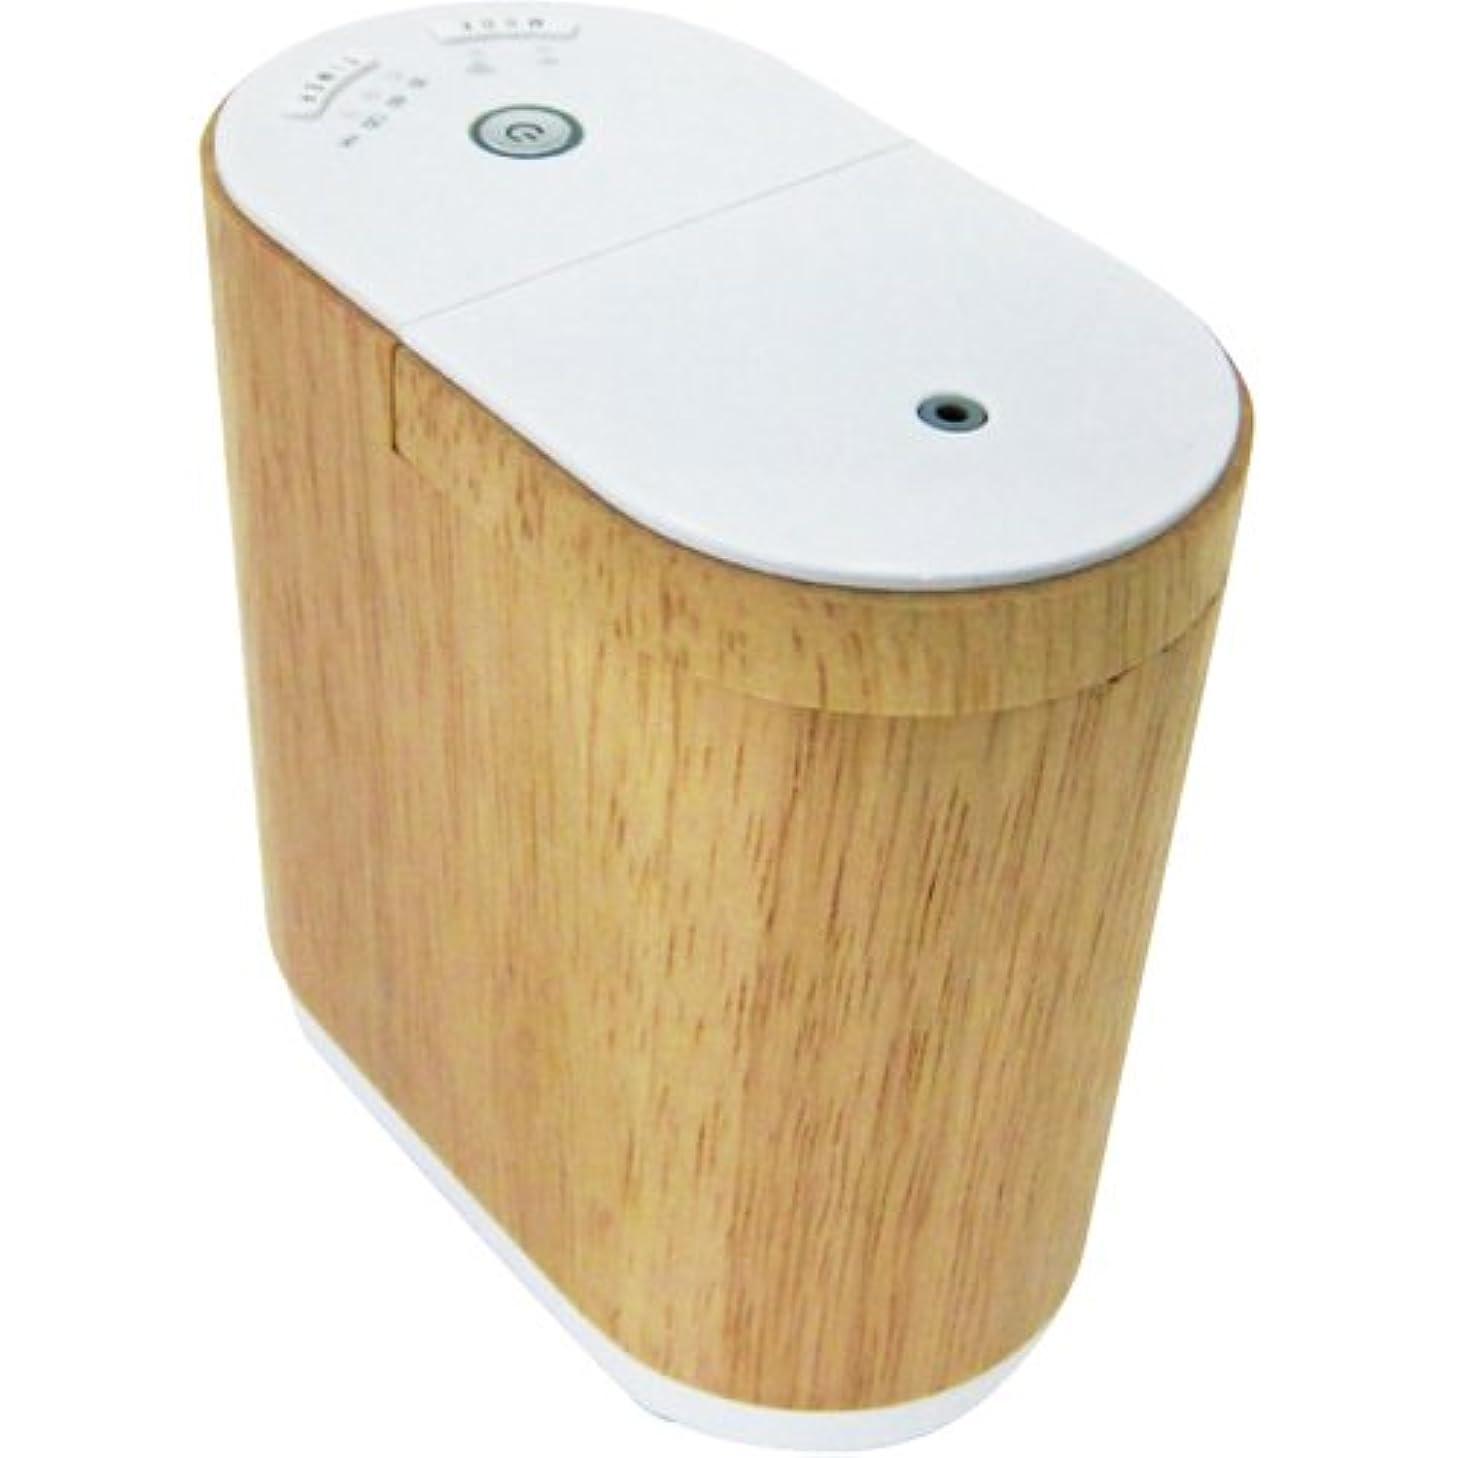 見分けるソーセージセラー生活の木 アロマディフューザー(ウッド)エッセンシャルオイルディフューザー aromore(アロモア) 08-801-6010